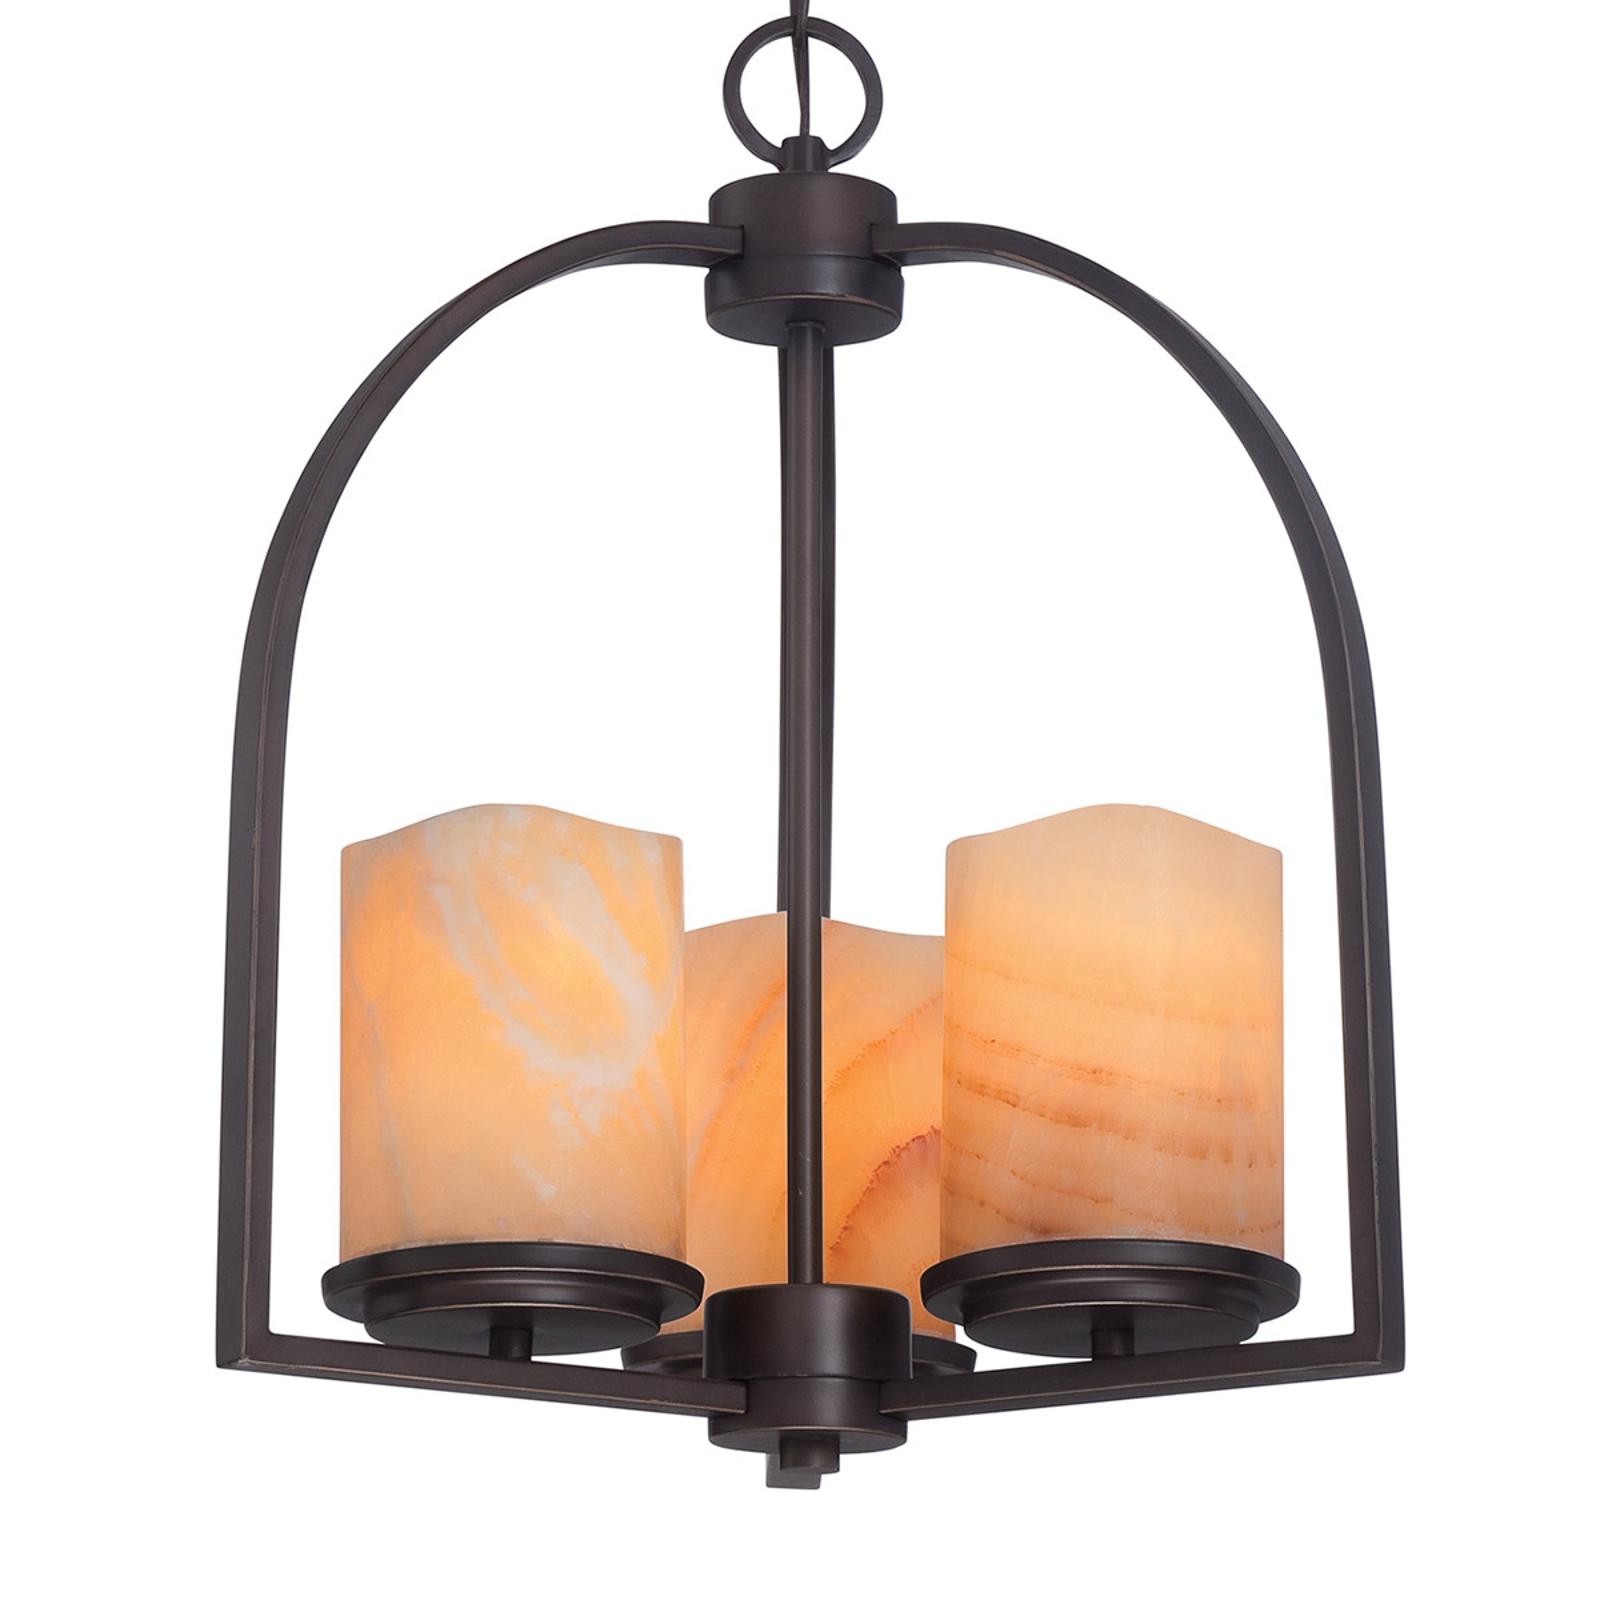 Závesná lampa Aldora, 3-plameňová_3048339_1